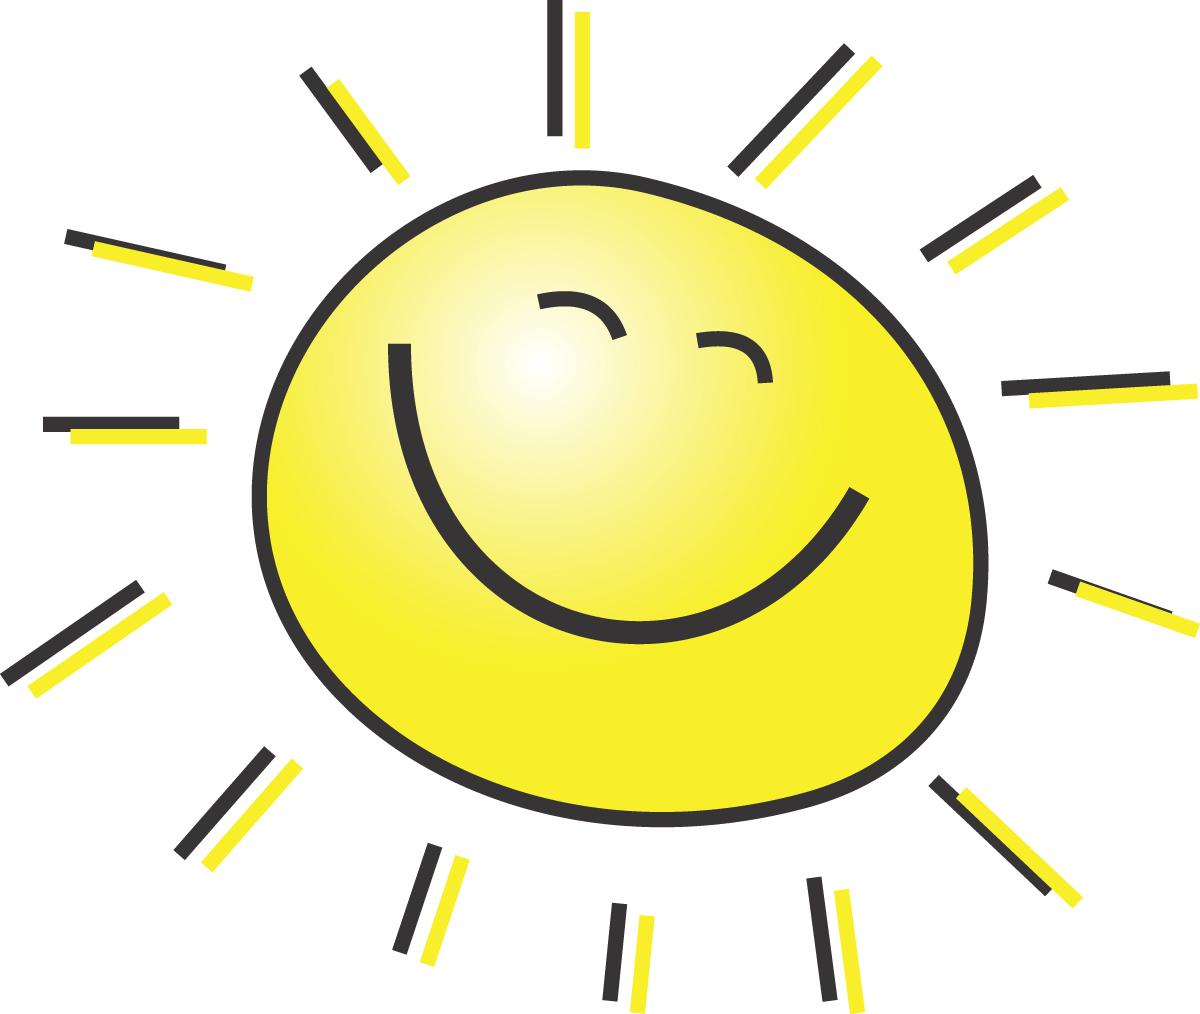 Sunshine Cute Sun With Sunglasses Clipar-Sunshine cute sun with sunglasses clipart free clipart images-15